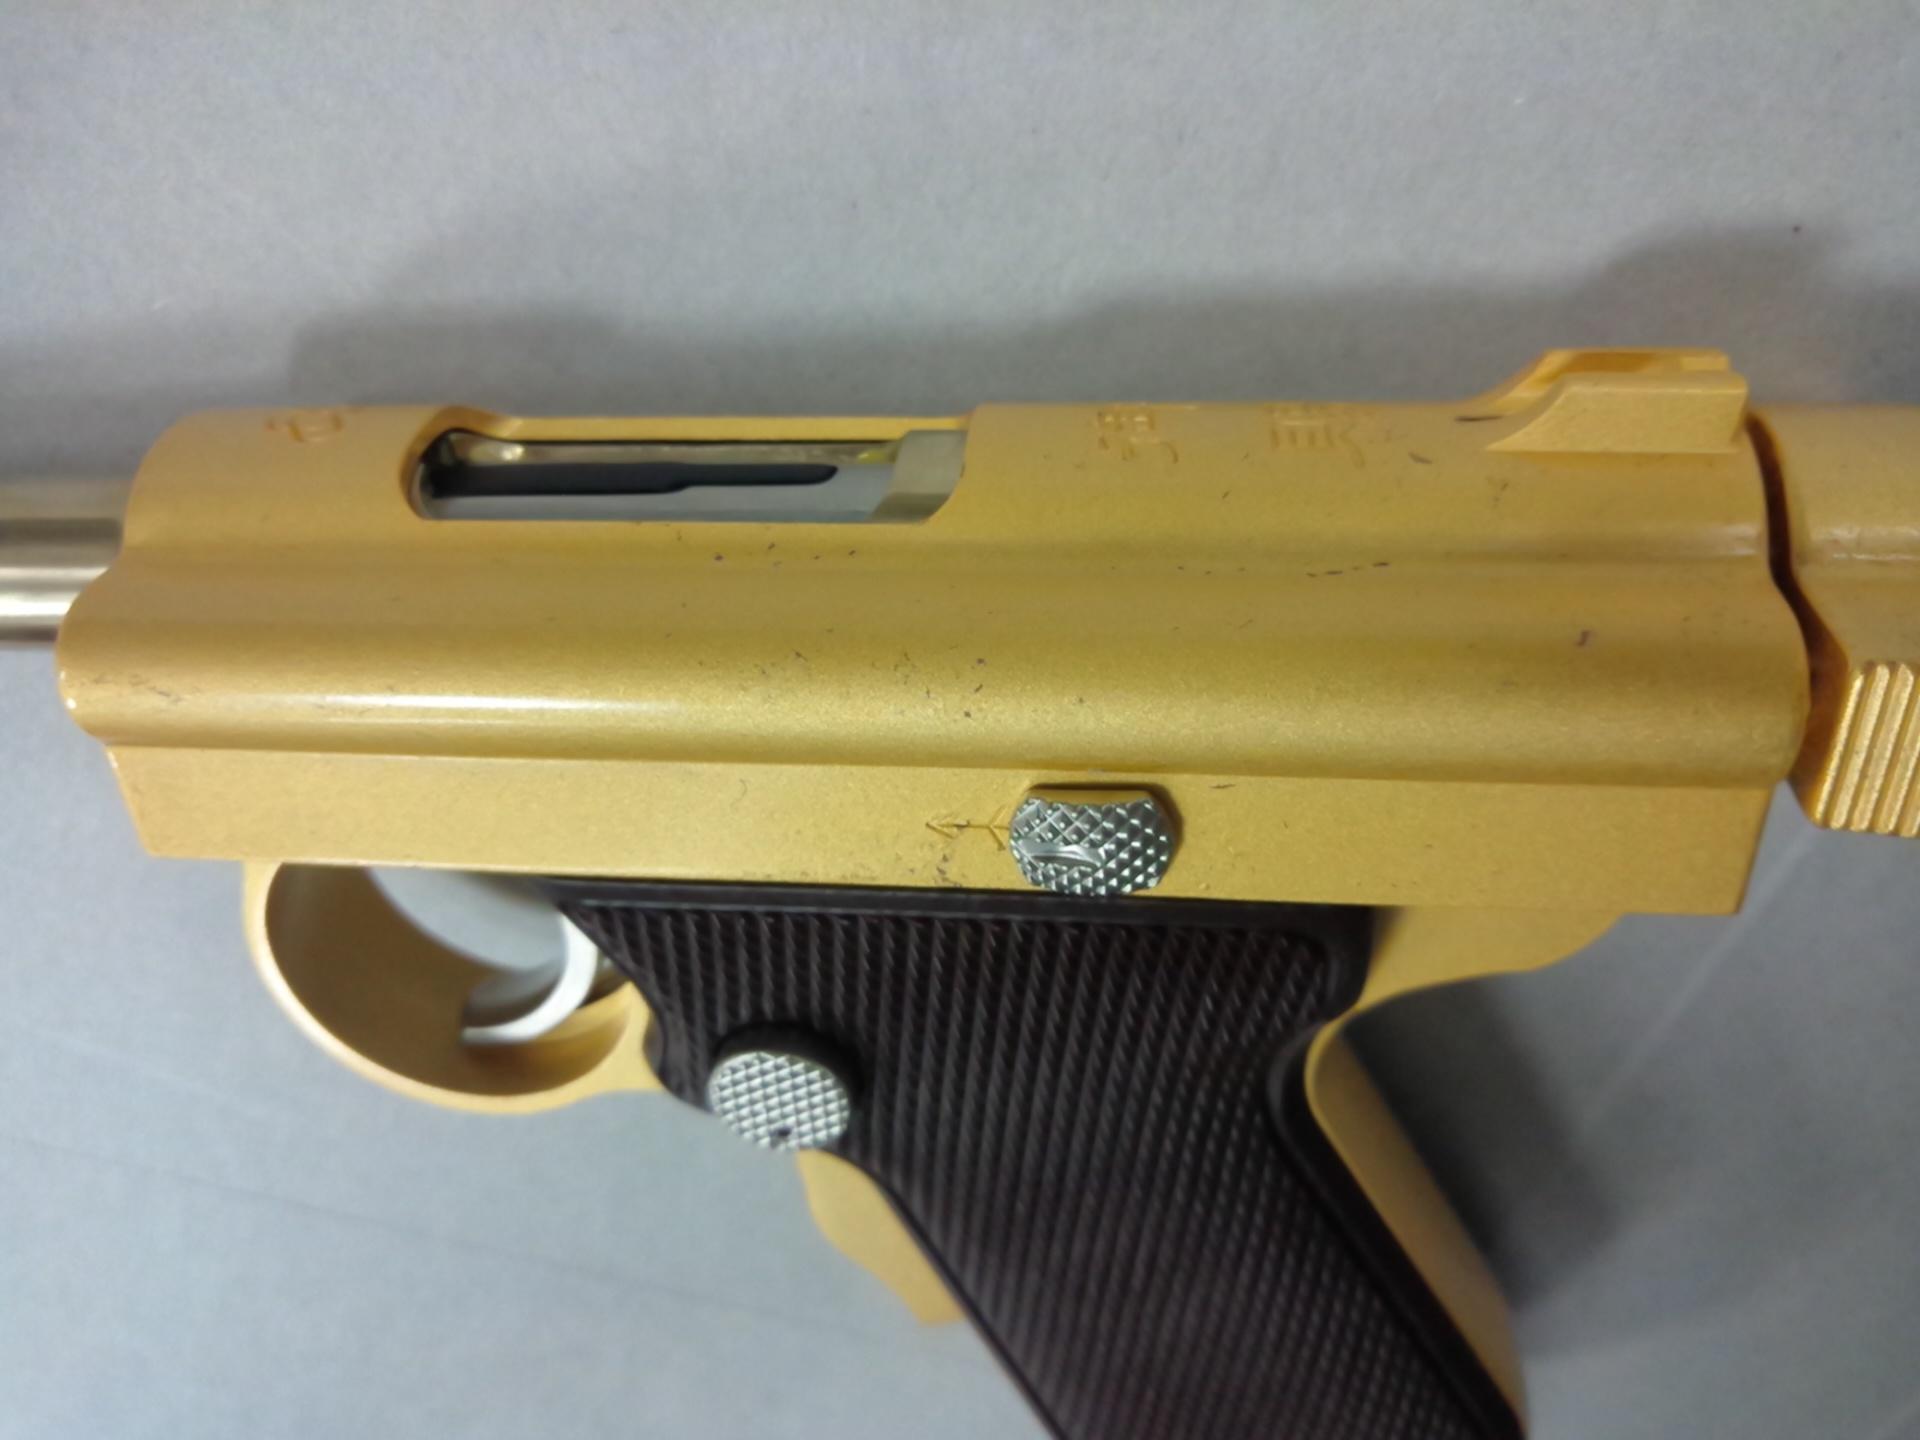 KIMG0052[1]